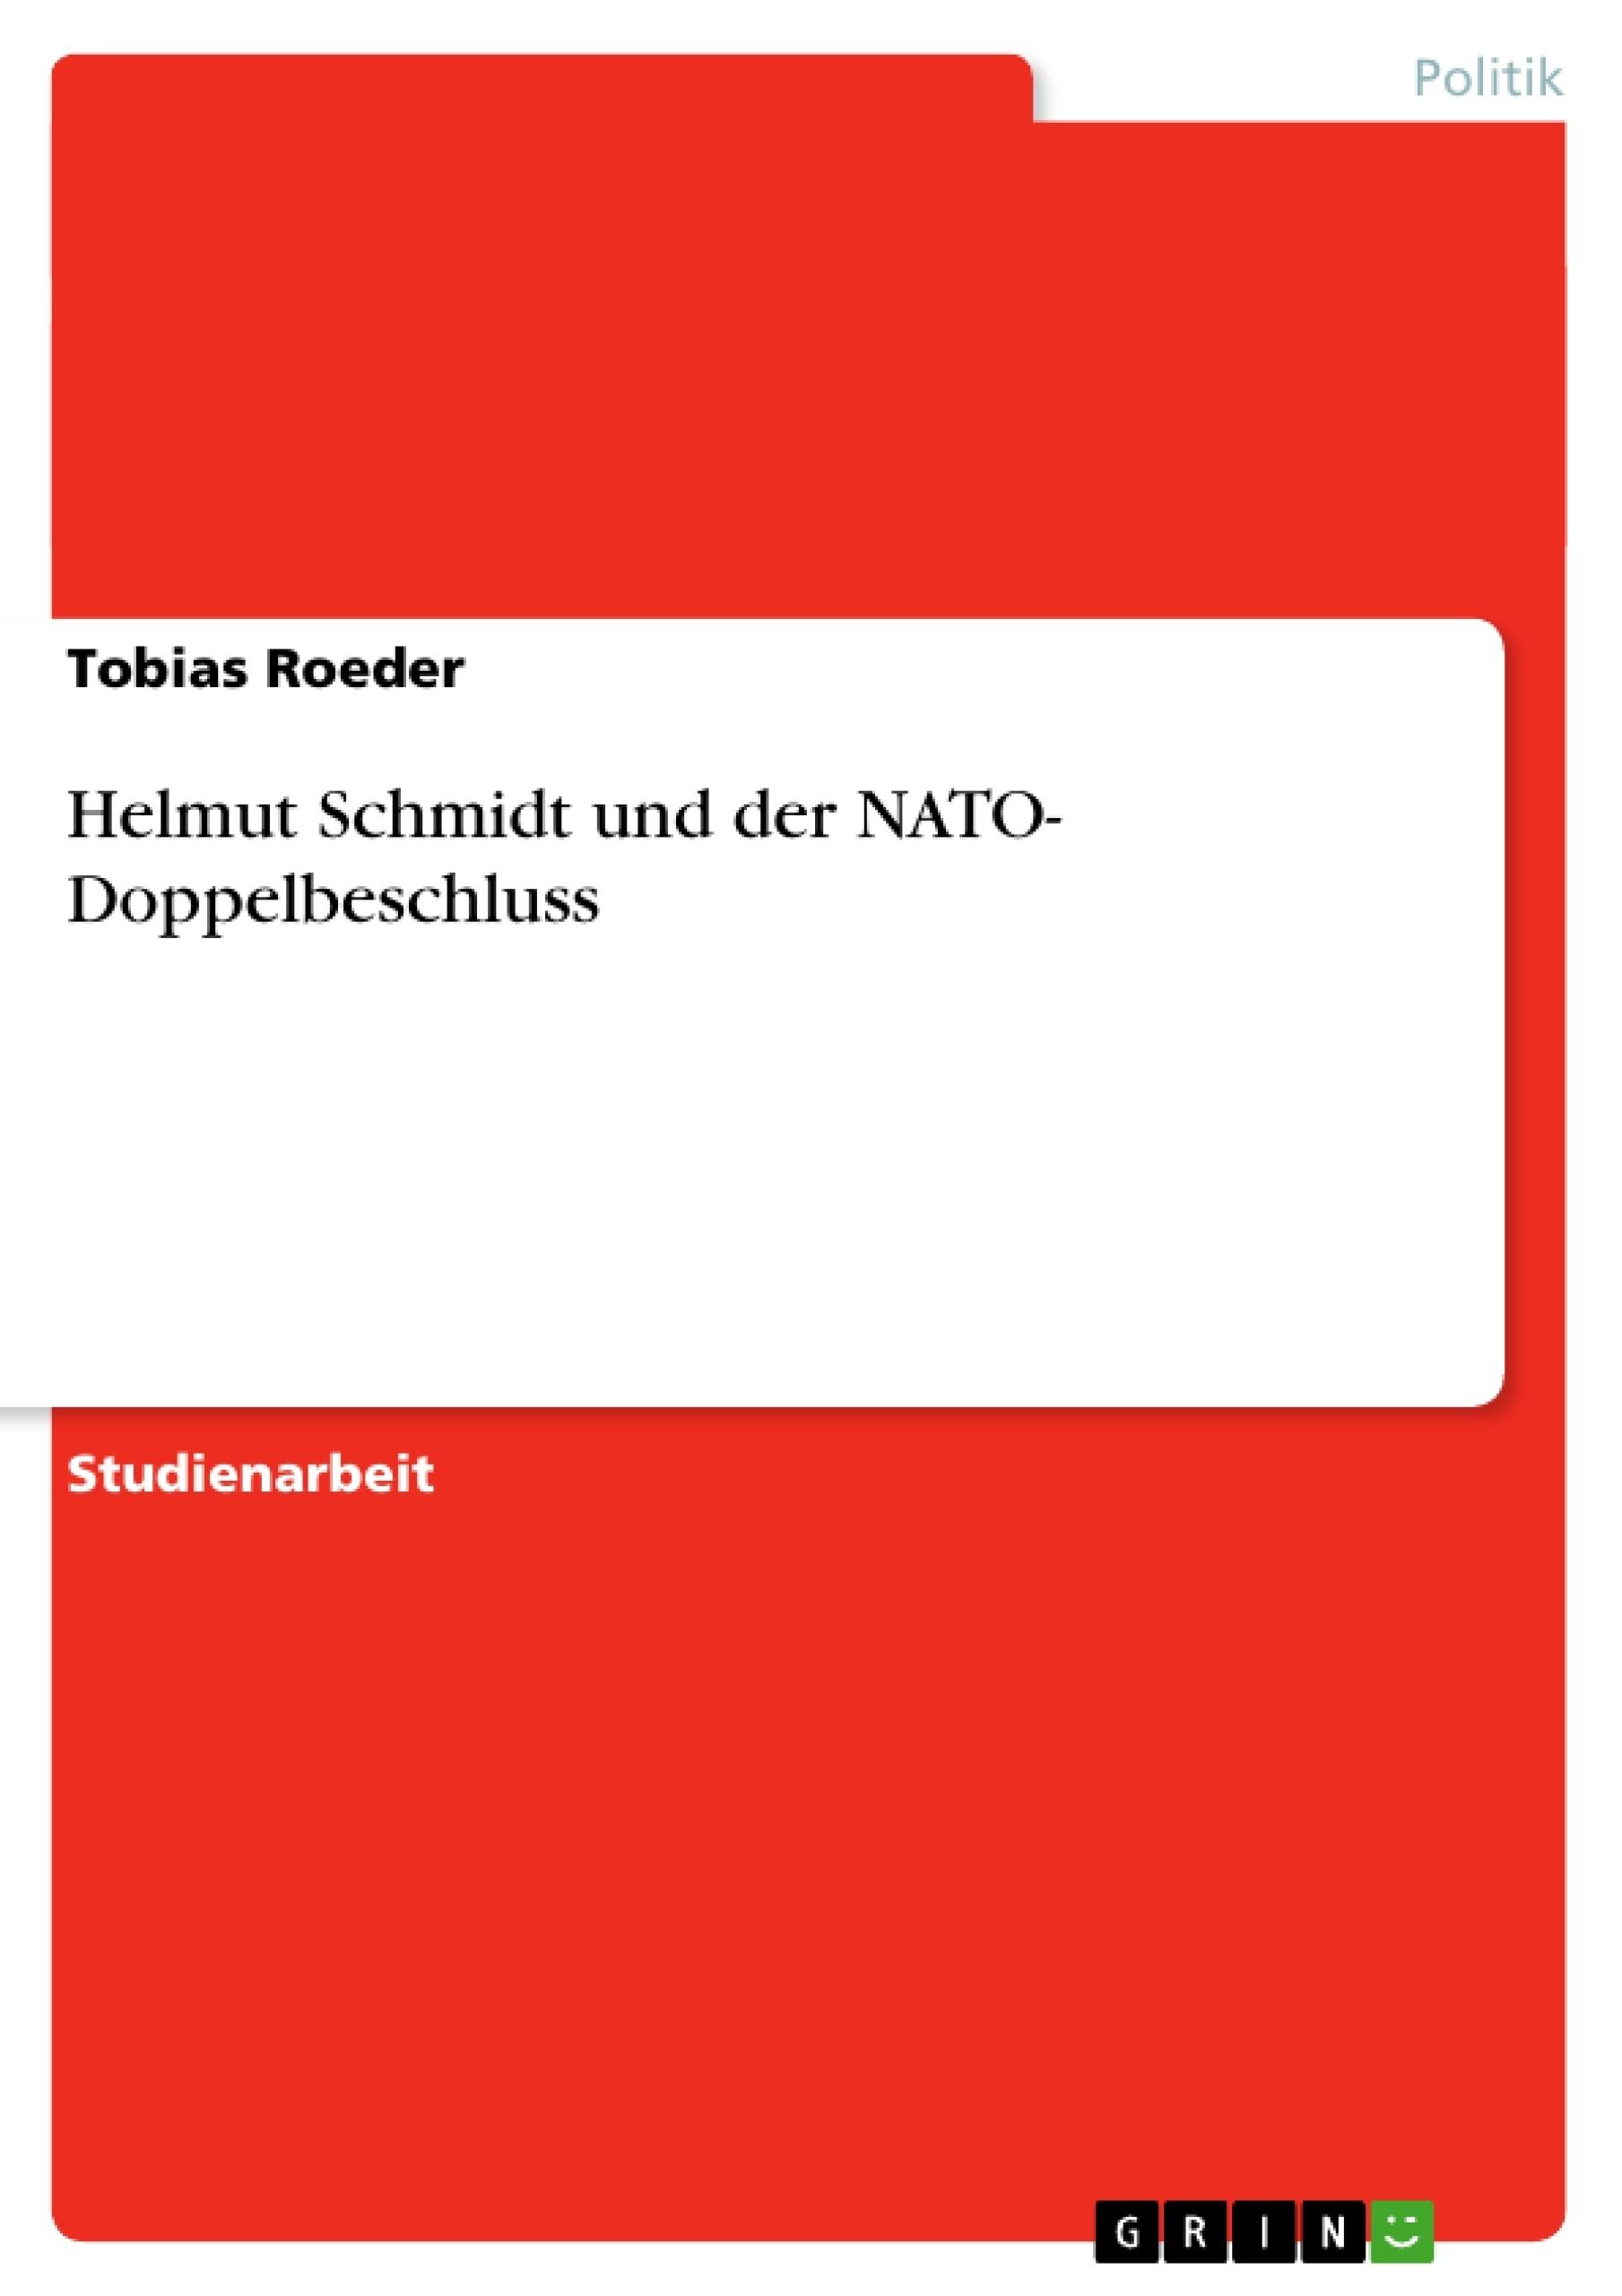 Titel: Helmut Schmidt und der NATO- Doppelbeschluss